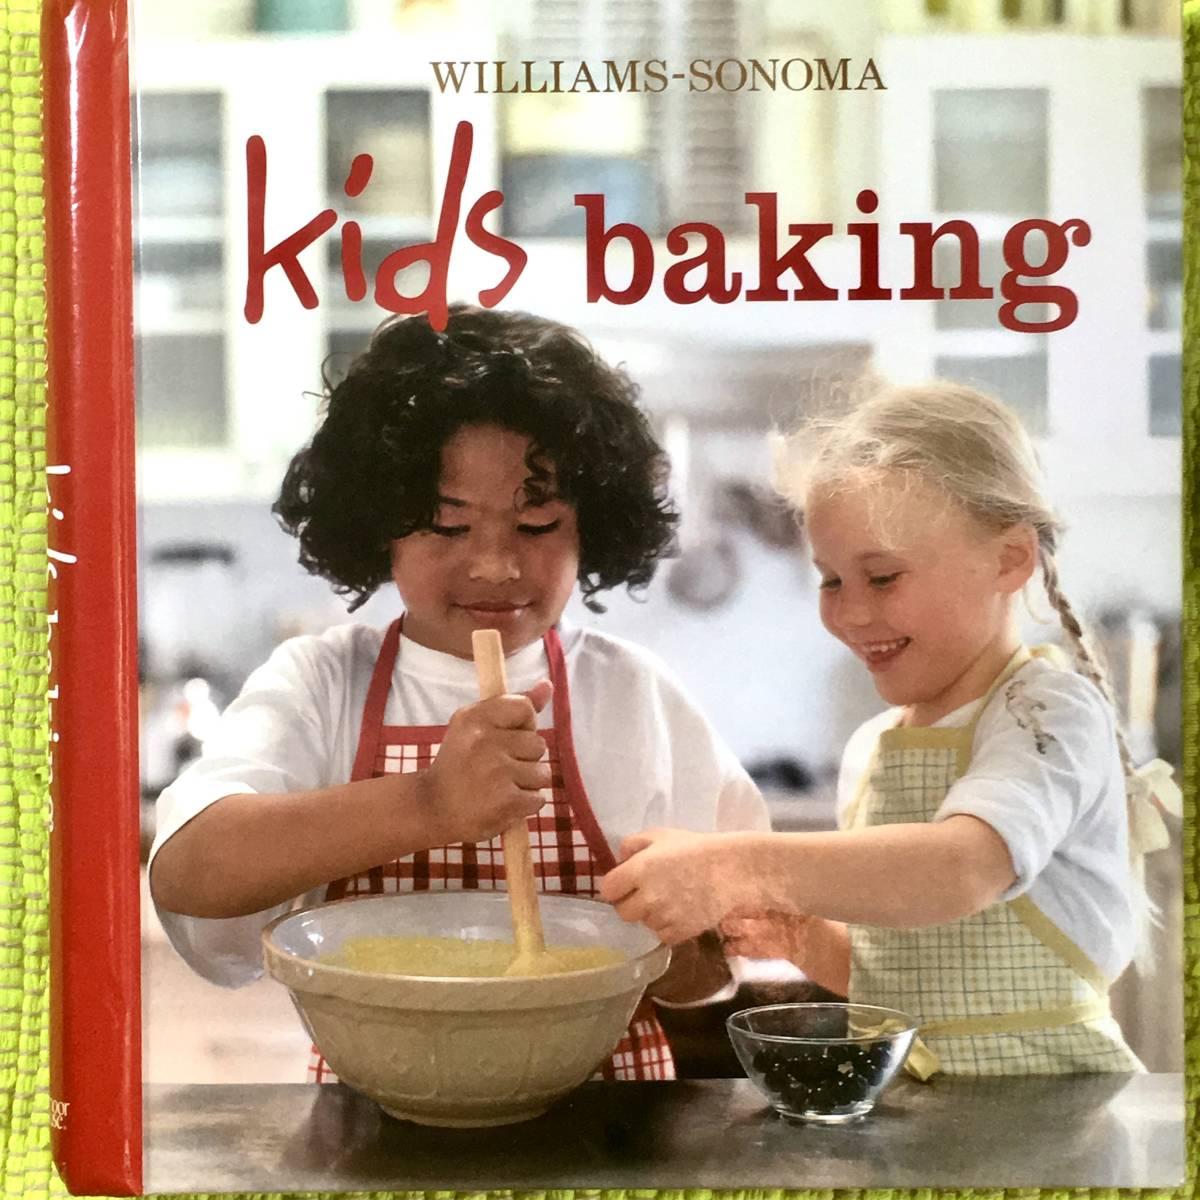 洋書アメリカ製子どもの料理レシピ本kids baking♪